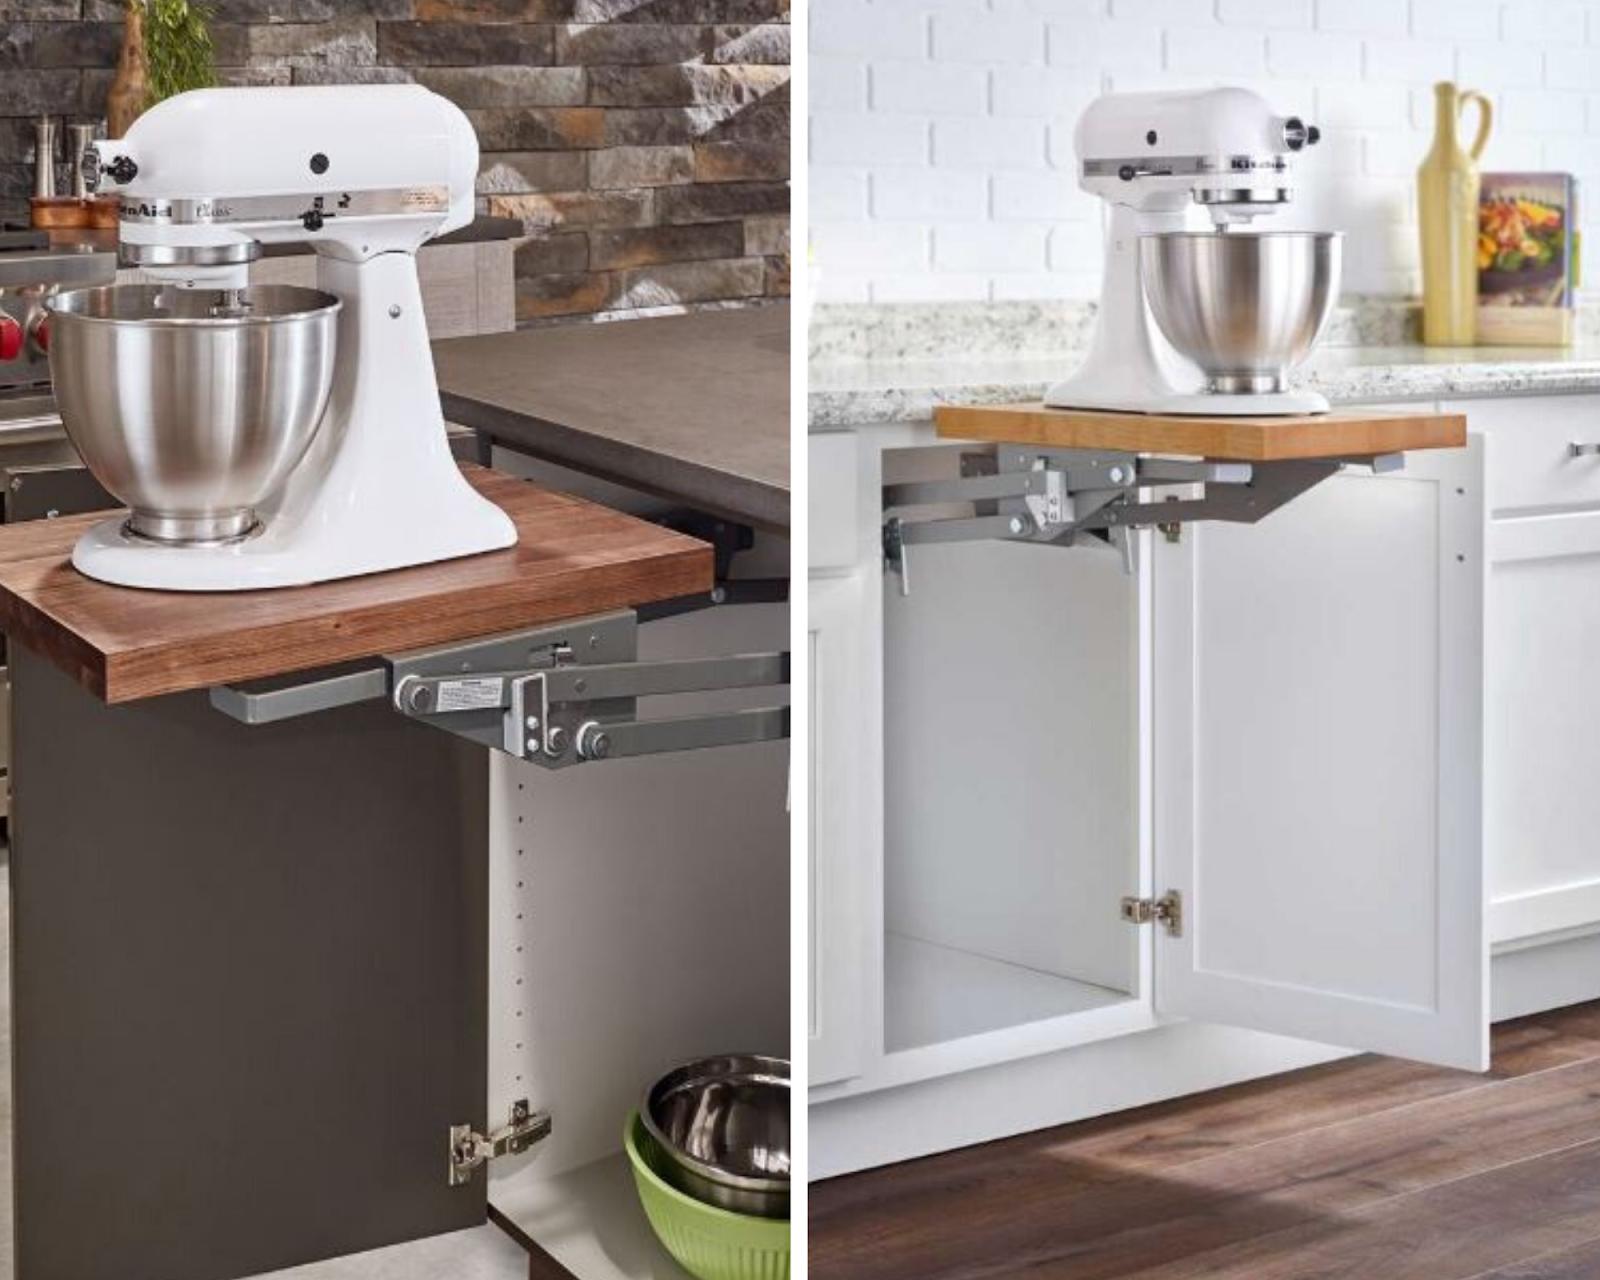 DRAFT 3-13 Best Kitchen Storage Solutions-Aug-26-2020-01-27-13-27-PM